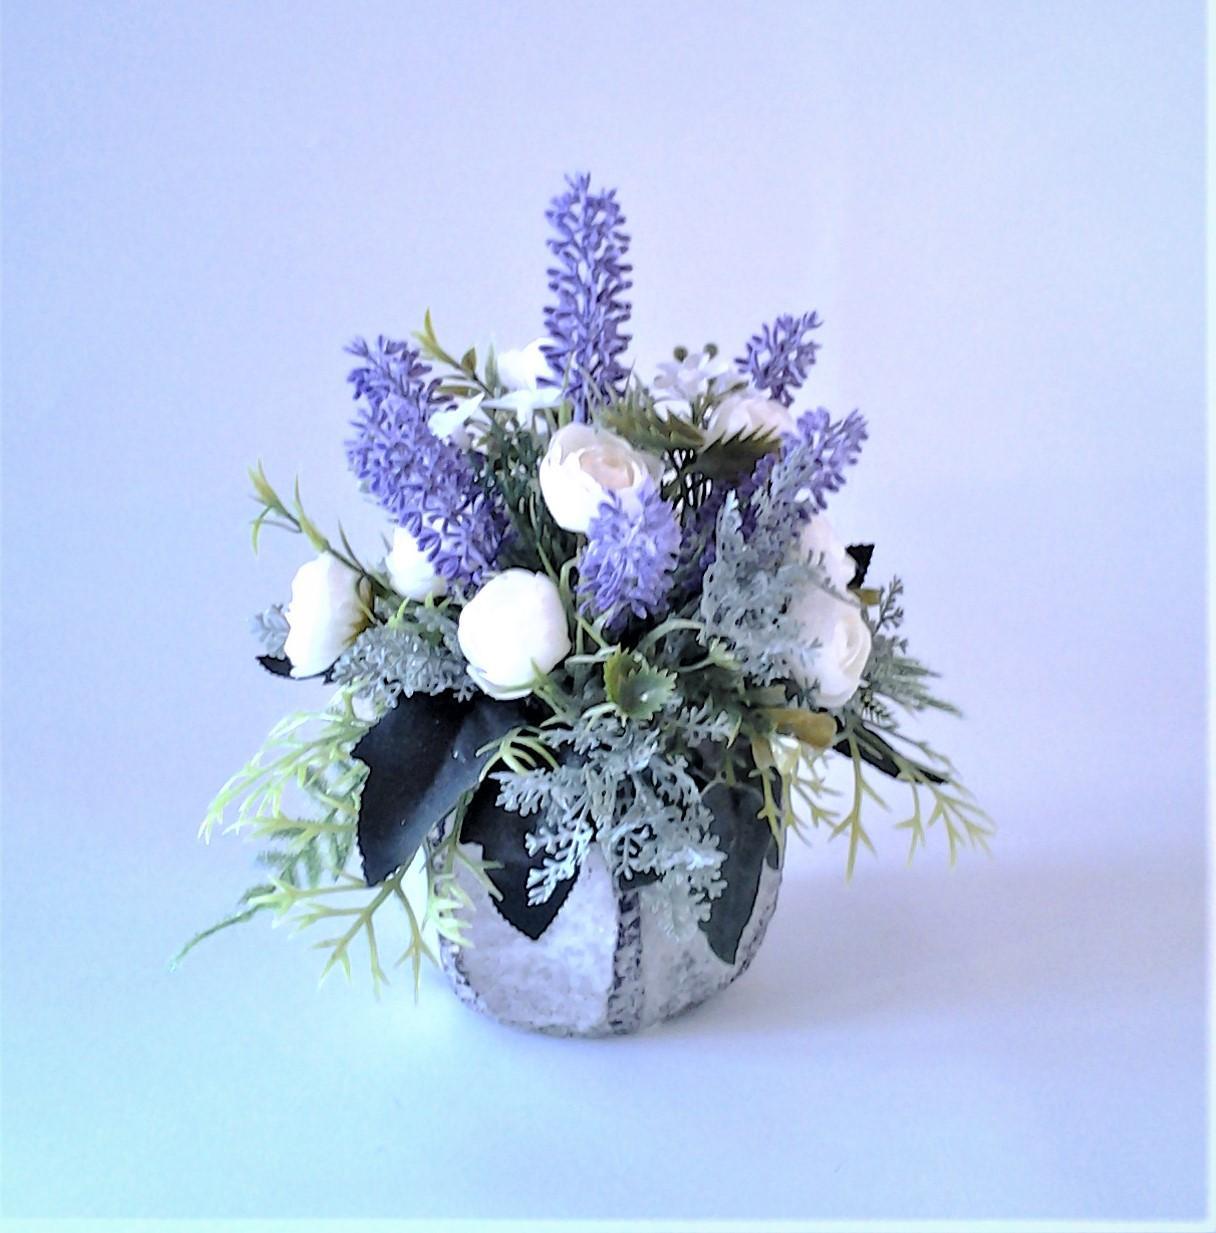 levanduľová kvetinová dekorácia 18 x 24 cm